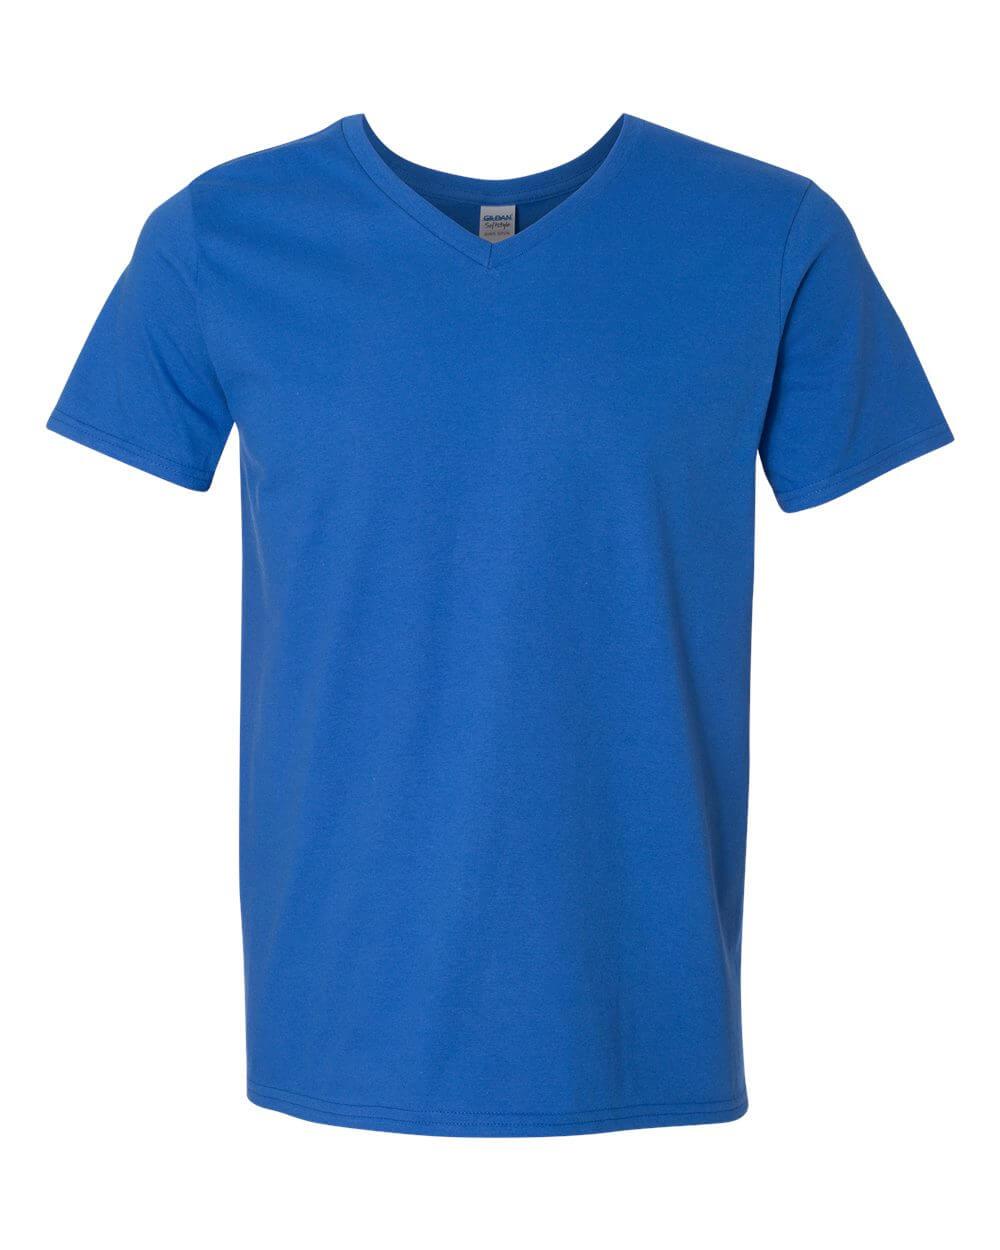 Gildan_64V00_Royal Blue Custom T Shirts